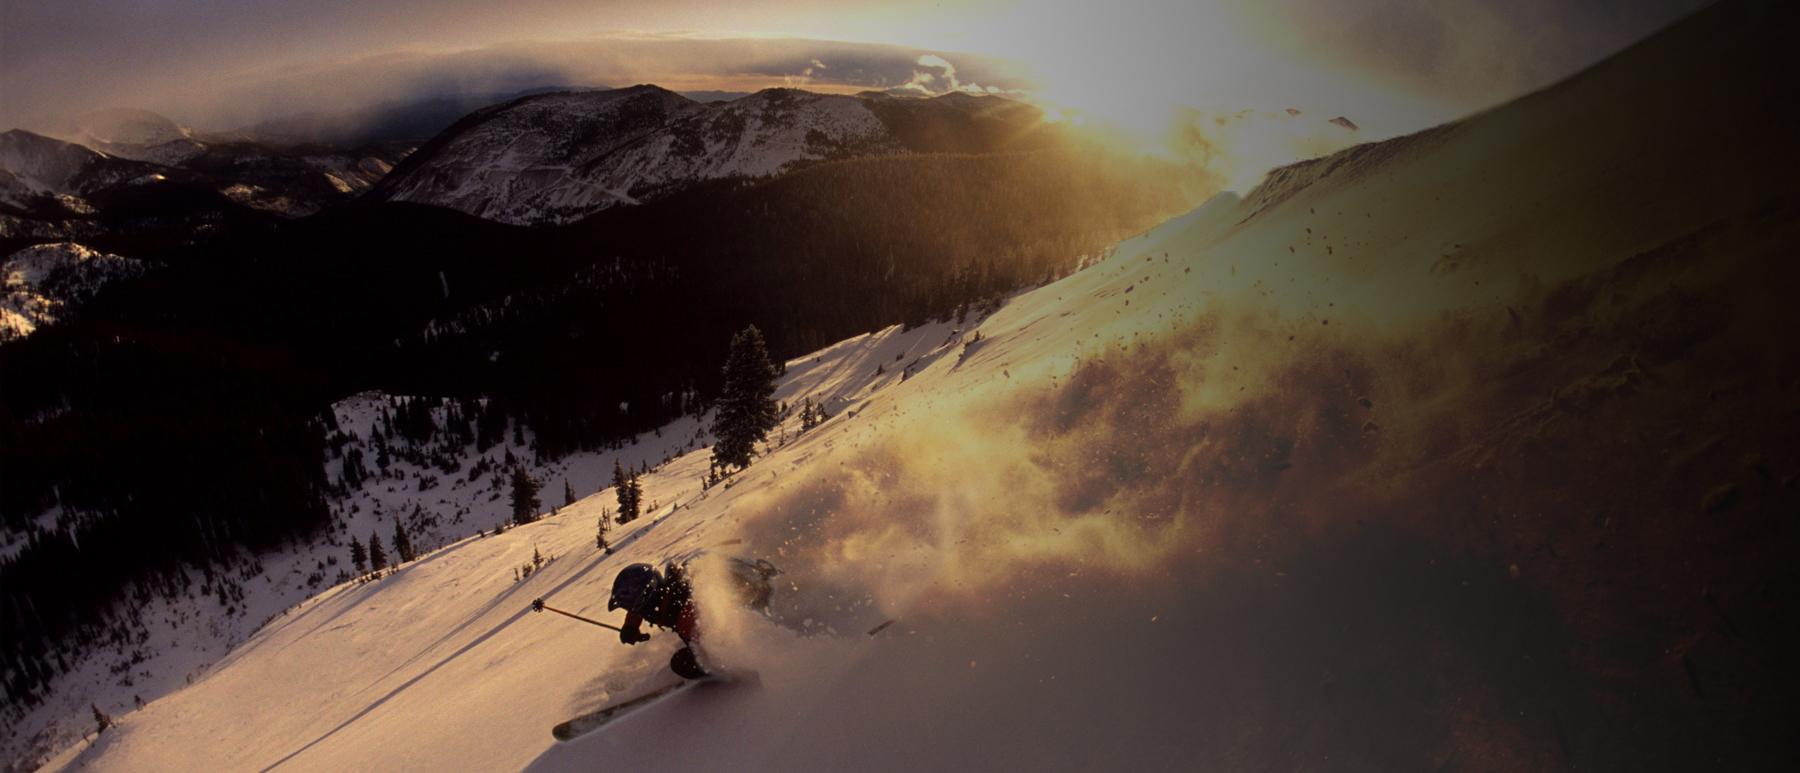 Cat_skiing-1-2